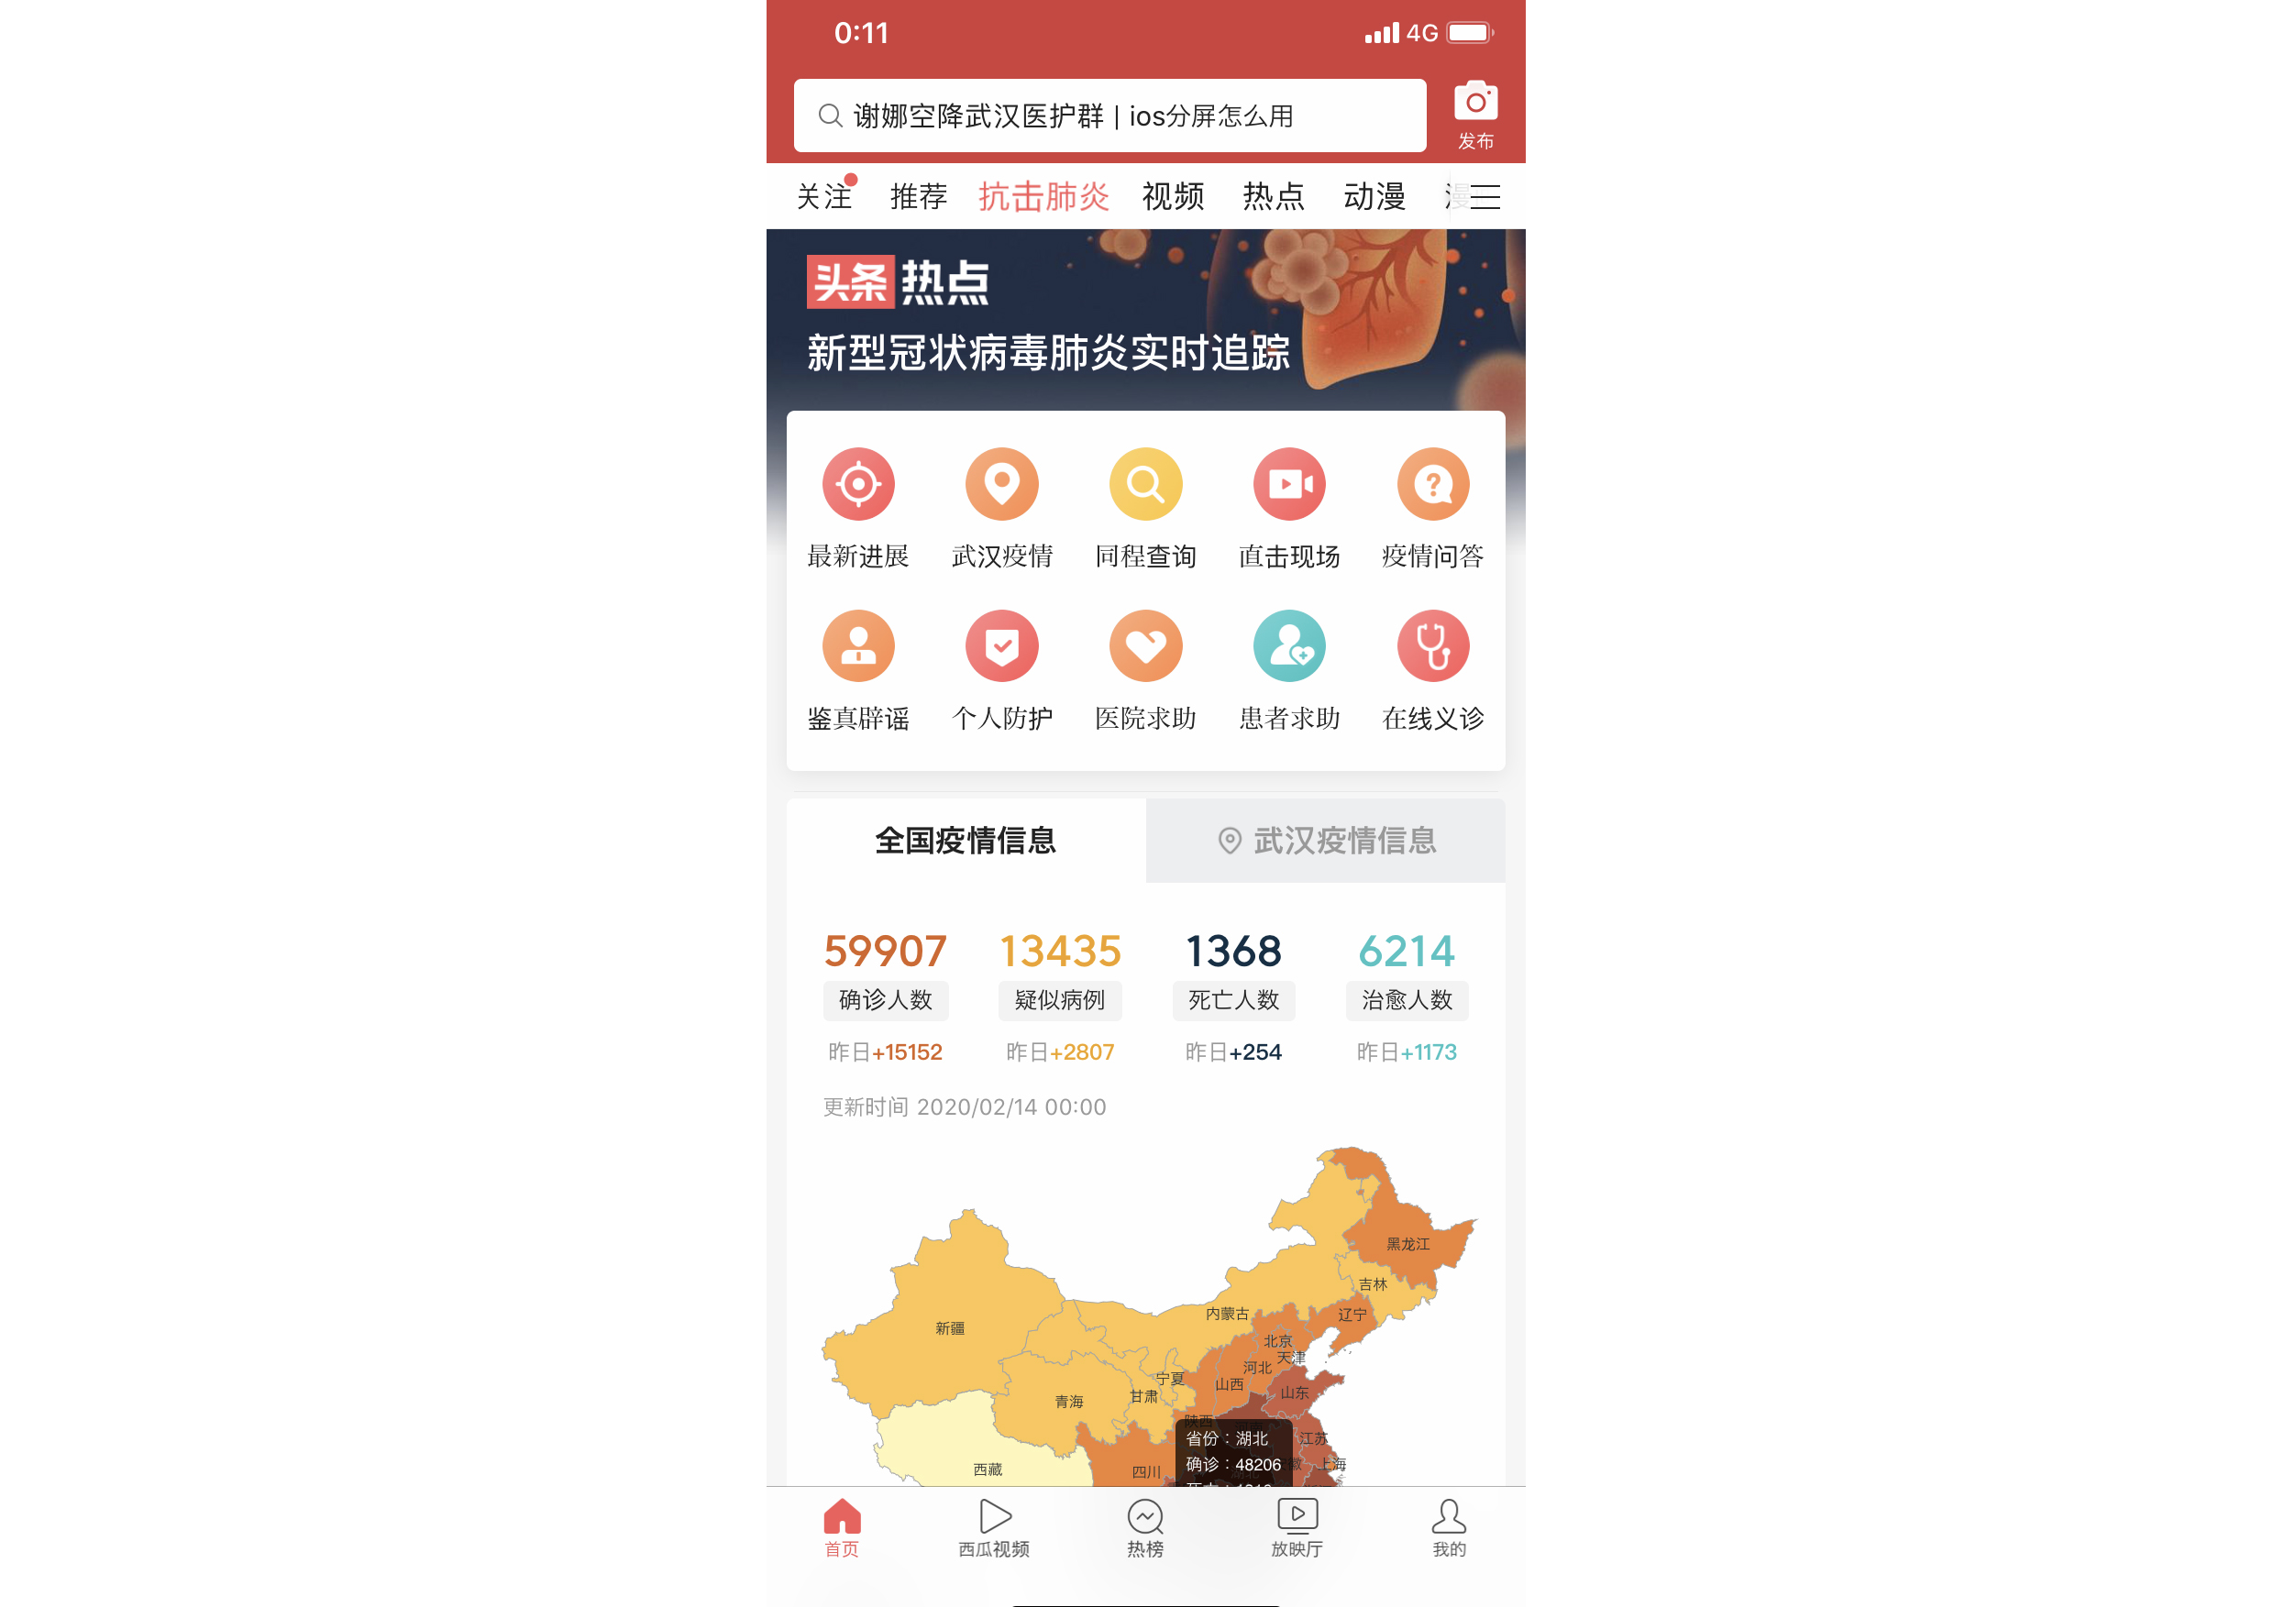 【完了】中国、新型肺炎まとめサイトが驚異的充実…感染者の人権無視、所在地や交通経路まで公開の画像3